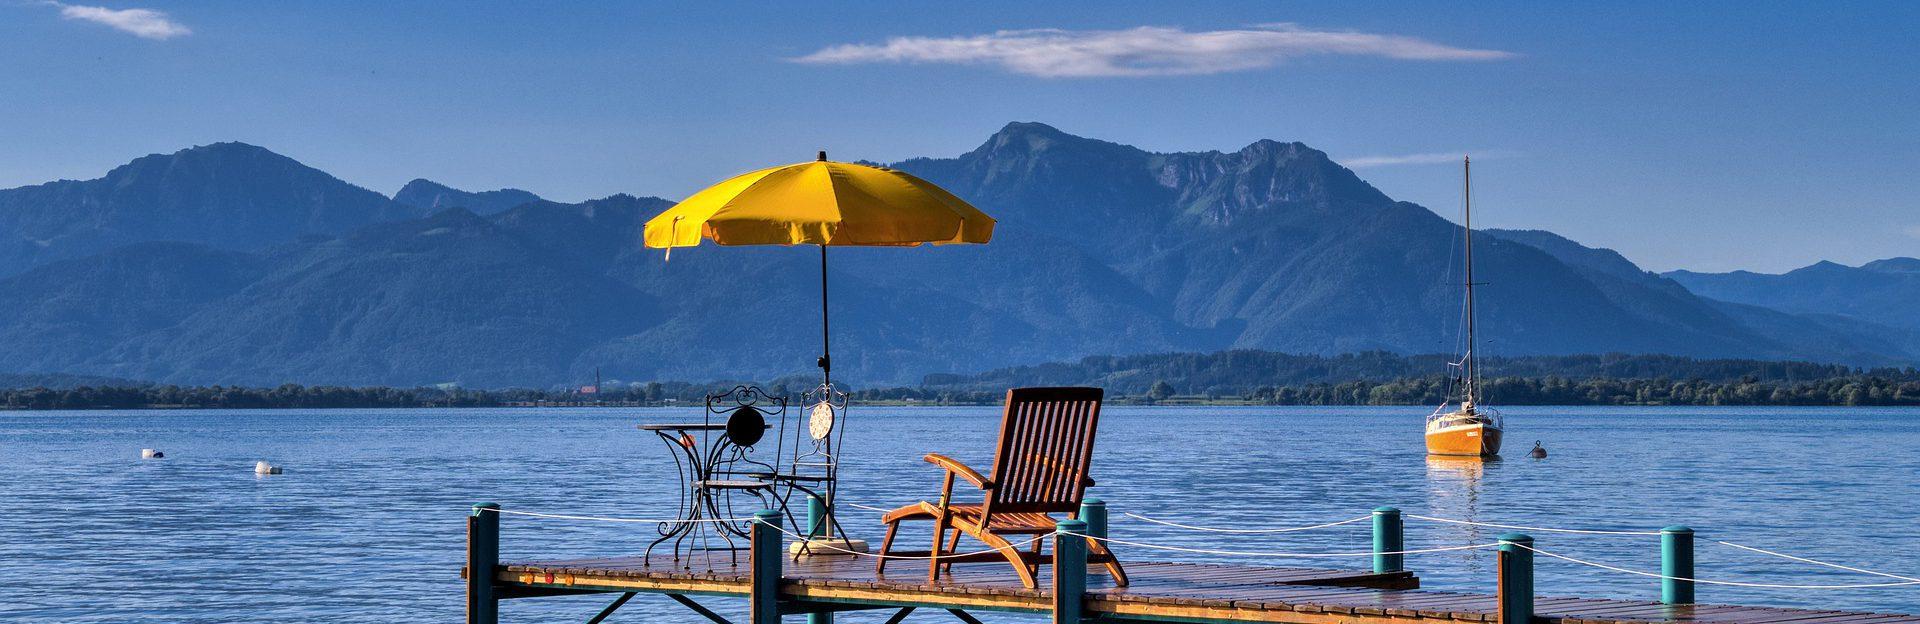 Chiemsee Pier mit Liegestuhl und Sonnenschirm